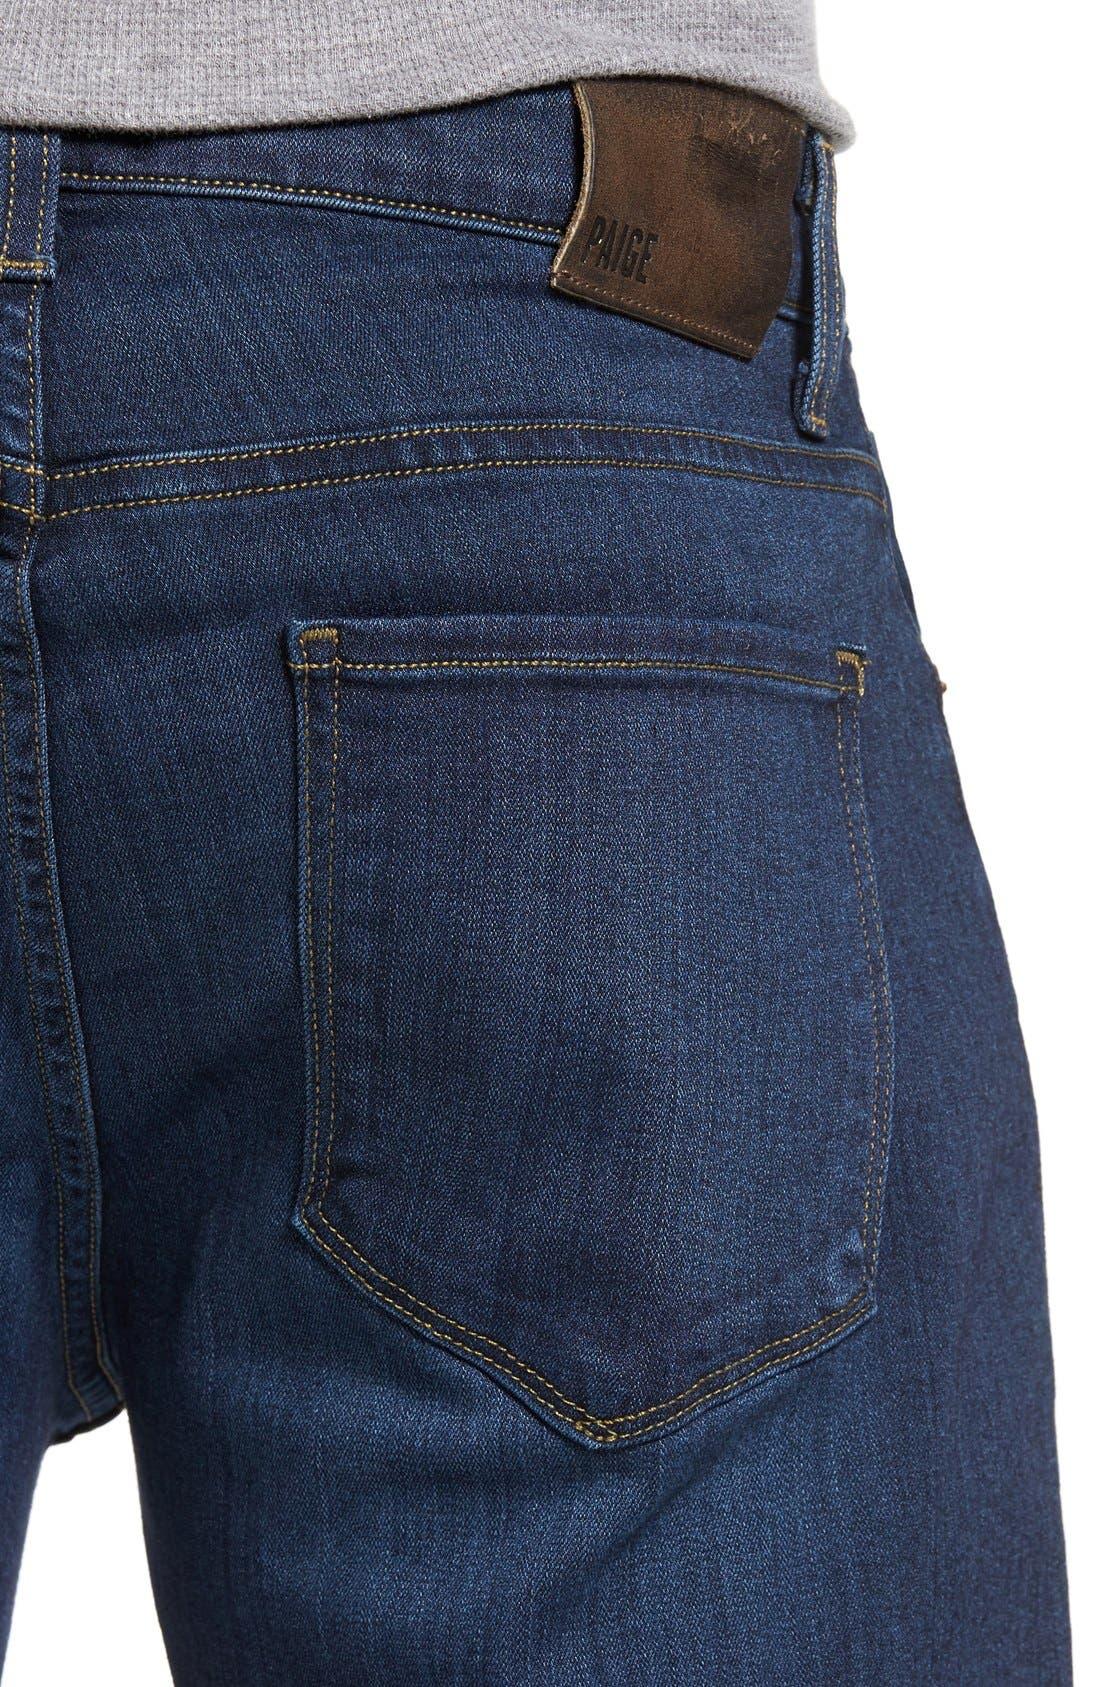 Transcend - Federal Slim Straight Leg Jeans,                             Alternate thumbnail 4, color,                             SCOTT